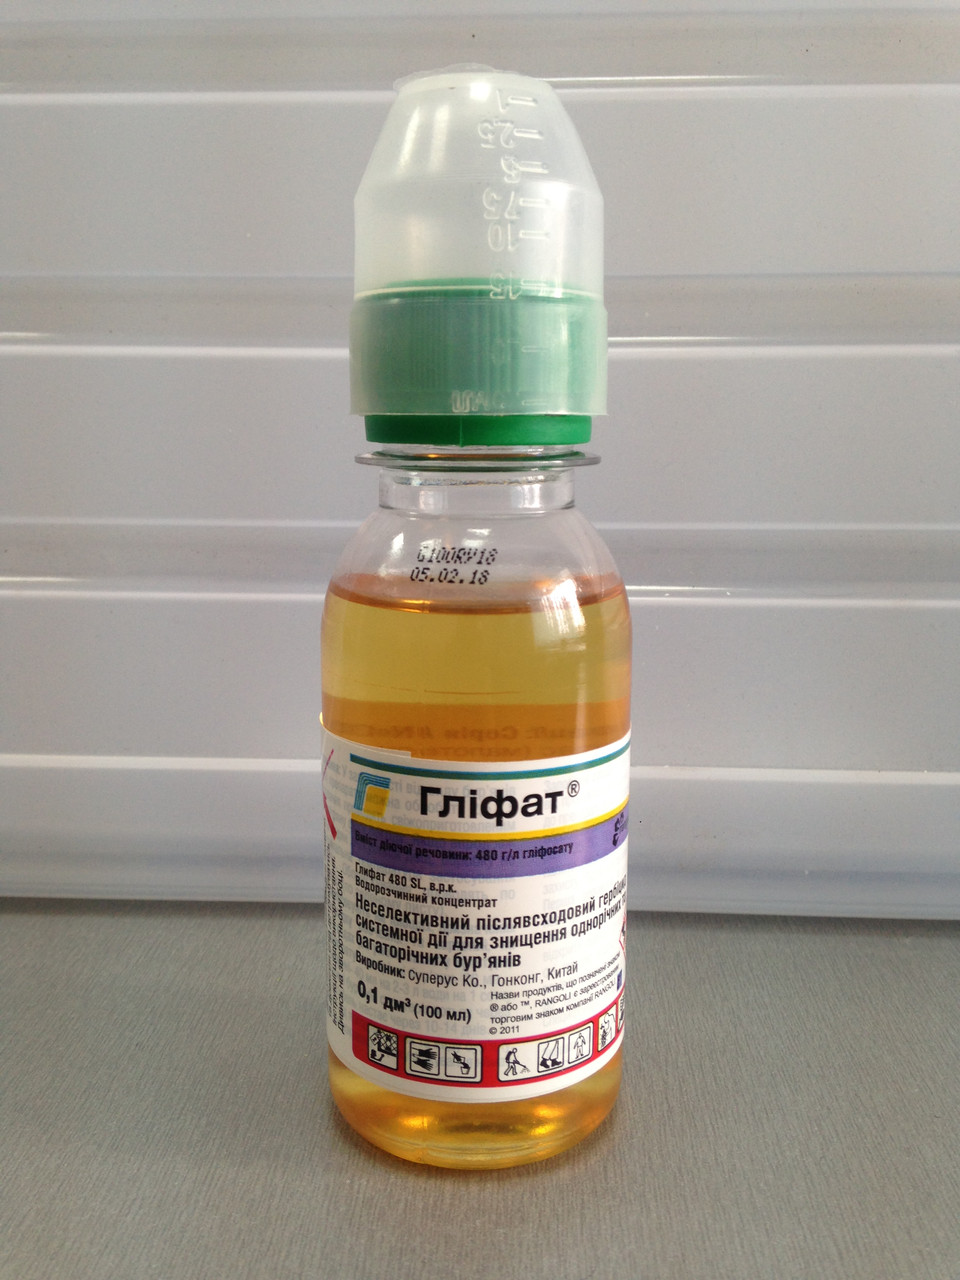 Гербицид Глифат 100 мл (лучшая цена купить оптом и врозницу)